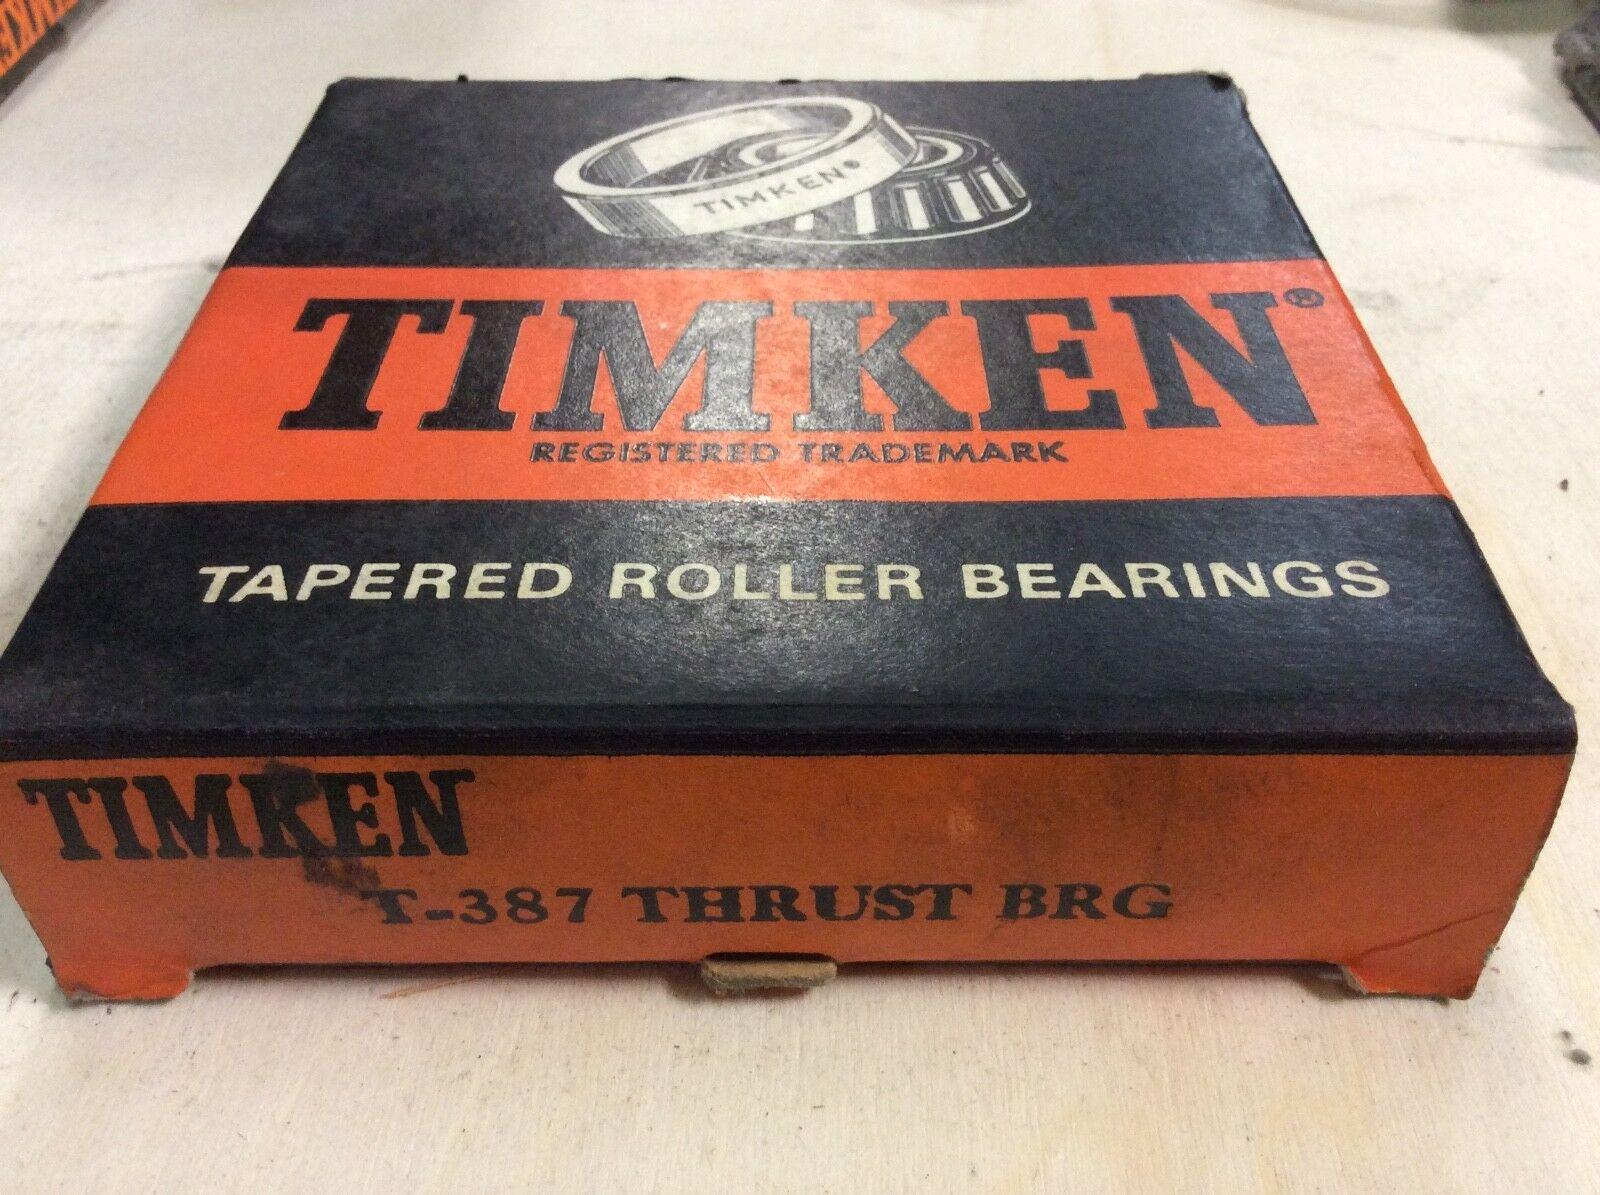 Laser Entfernungsmesser Keyence : Timken bearing t 387 30 day warranty free shipping lower 48